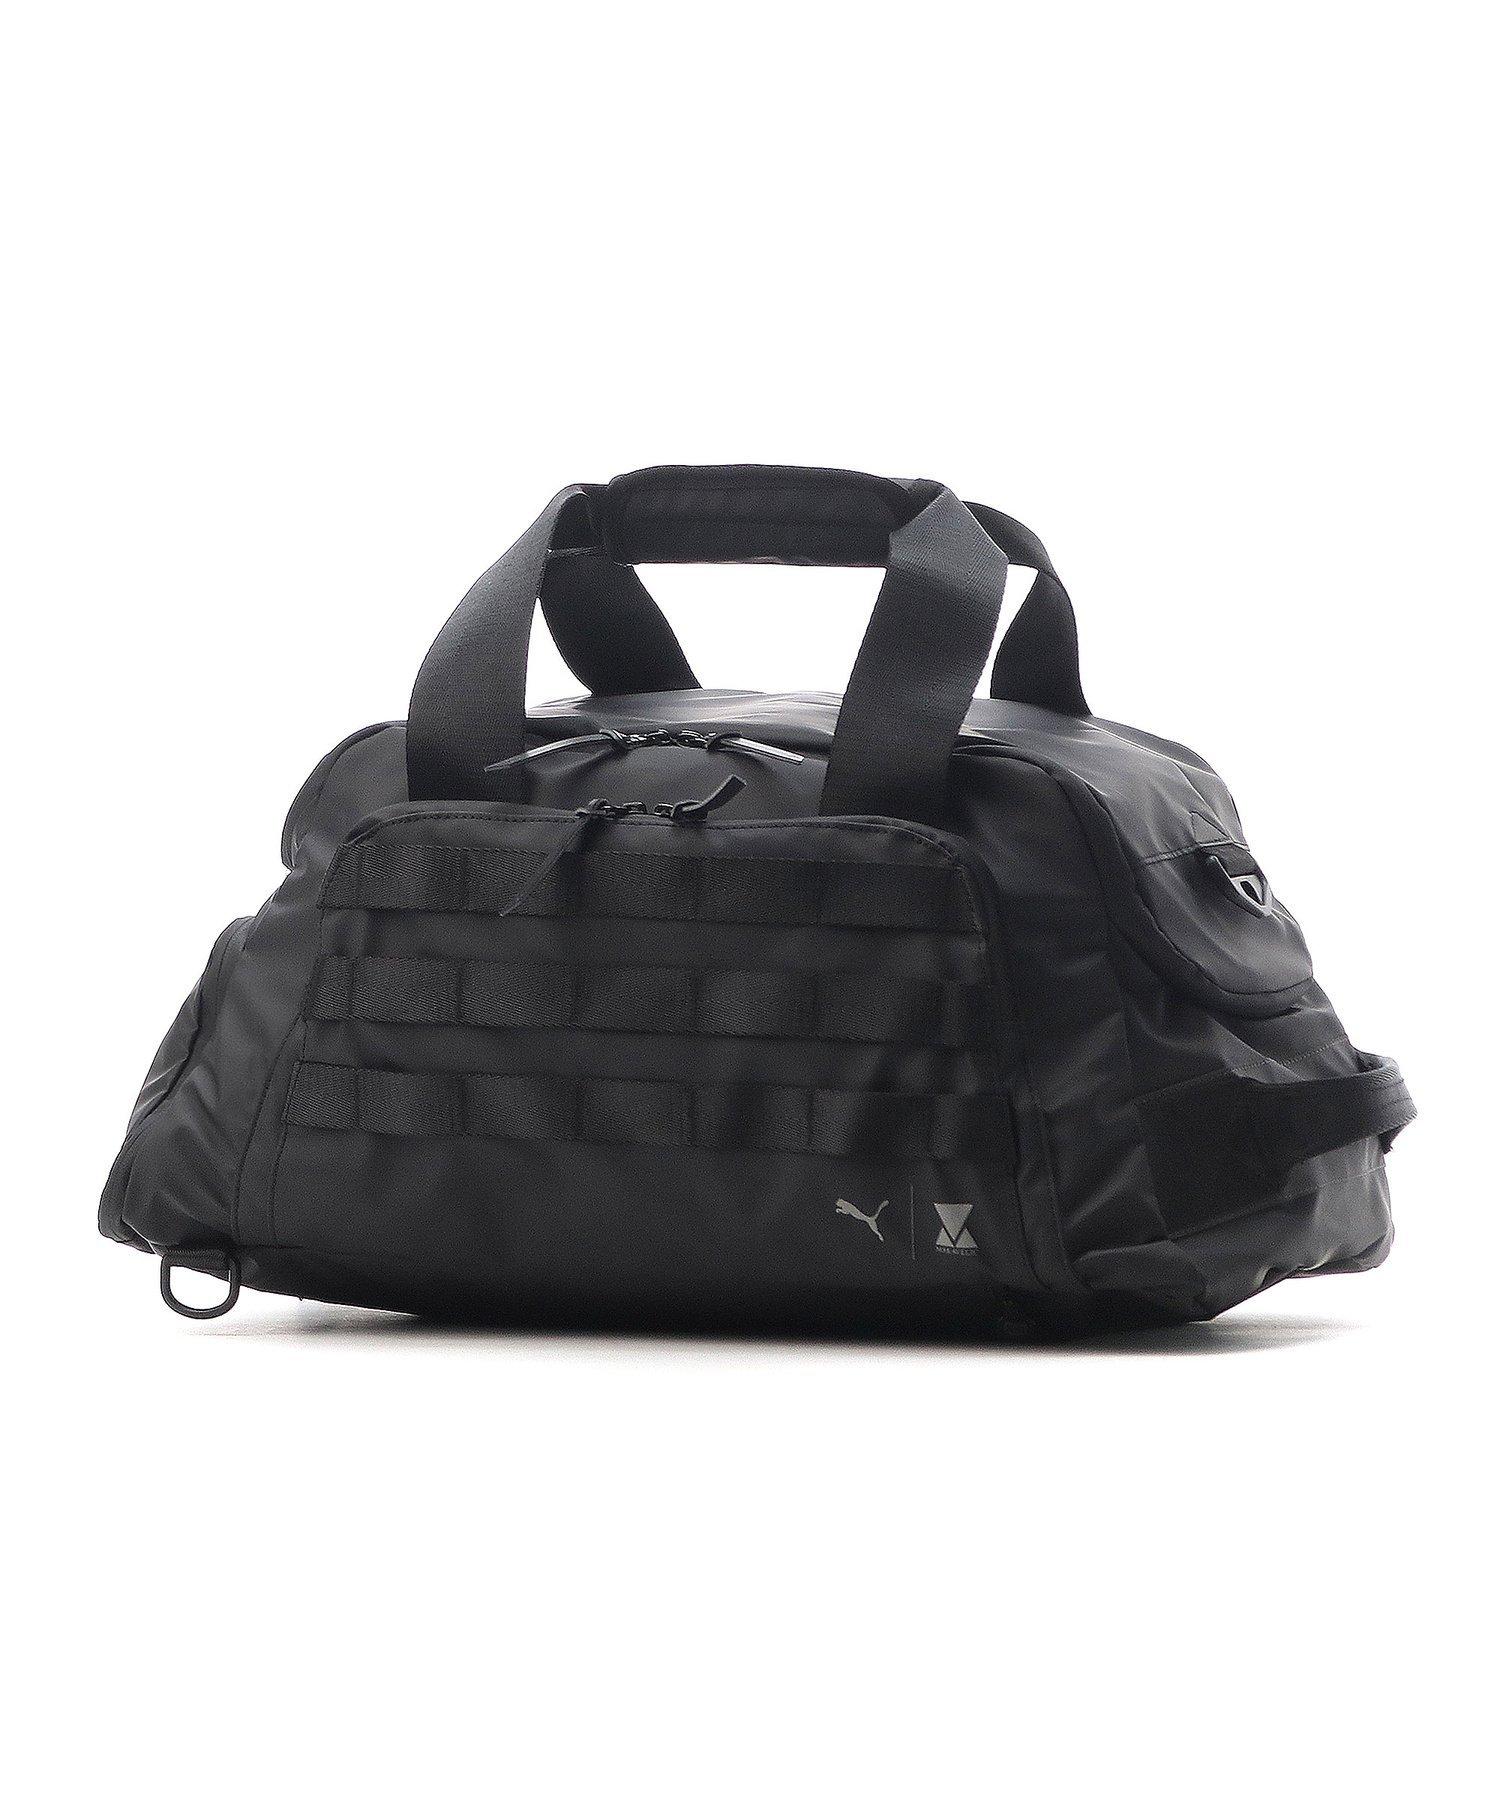 產品詳細資料,日本Yahoo代標|日本代購|日本批發-ibuy99|包包、服飾|包|男士包|波士頓包|PUMA PUMA GOLF x MAKAVELIC ボストンバッグ プーマ バッグ ボストンバッ…